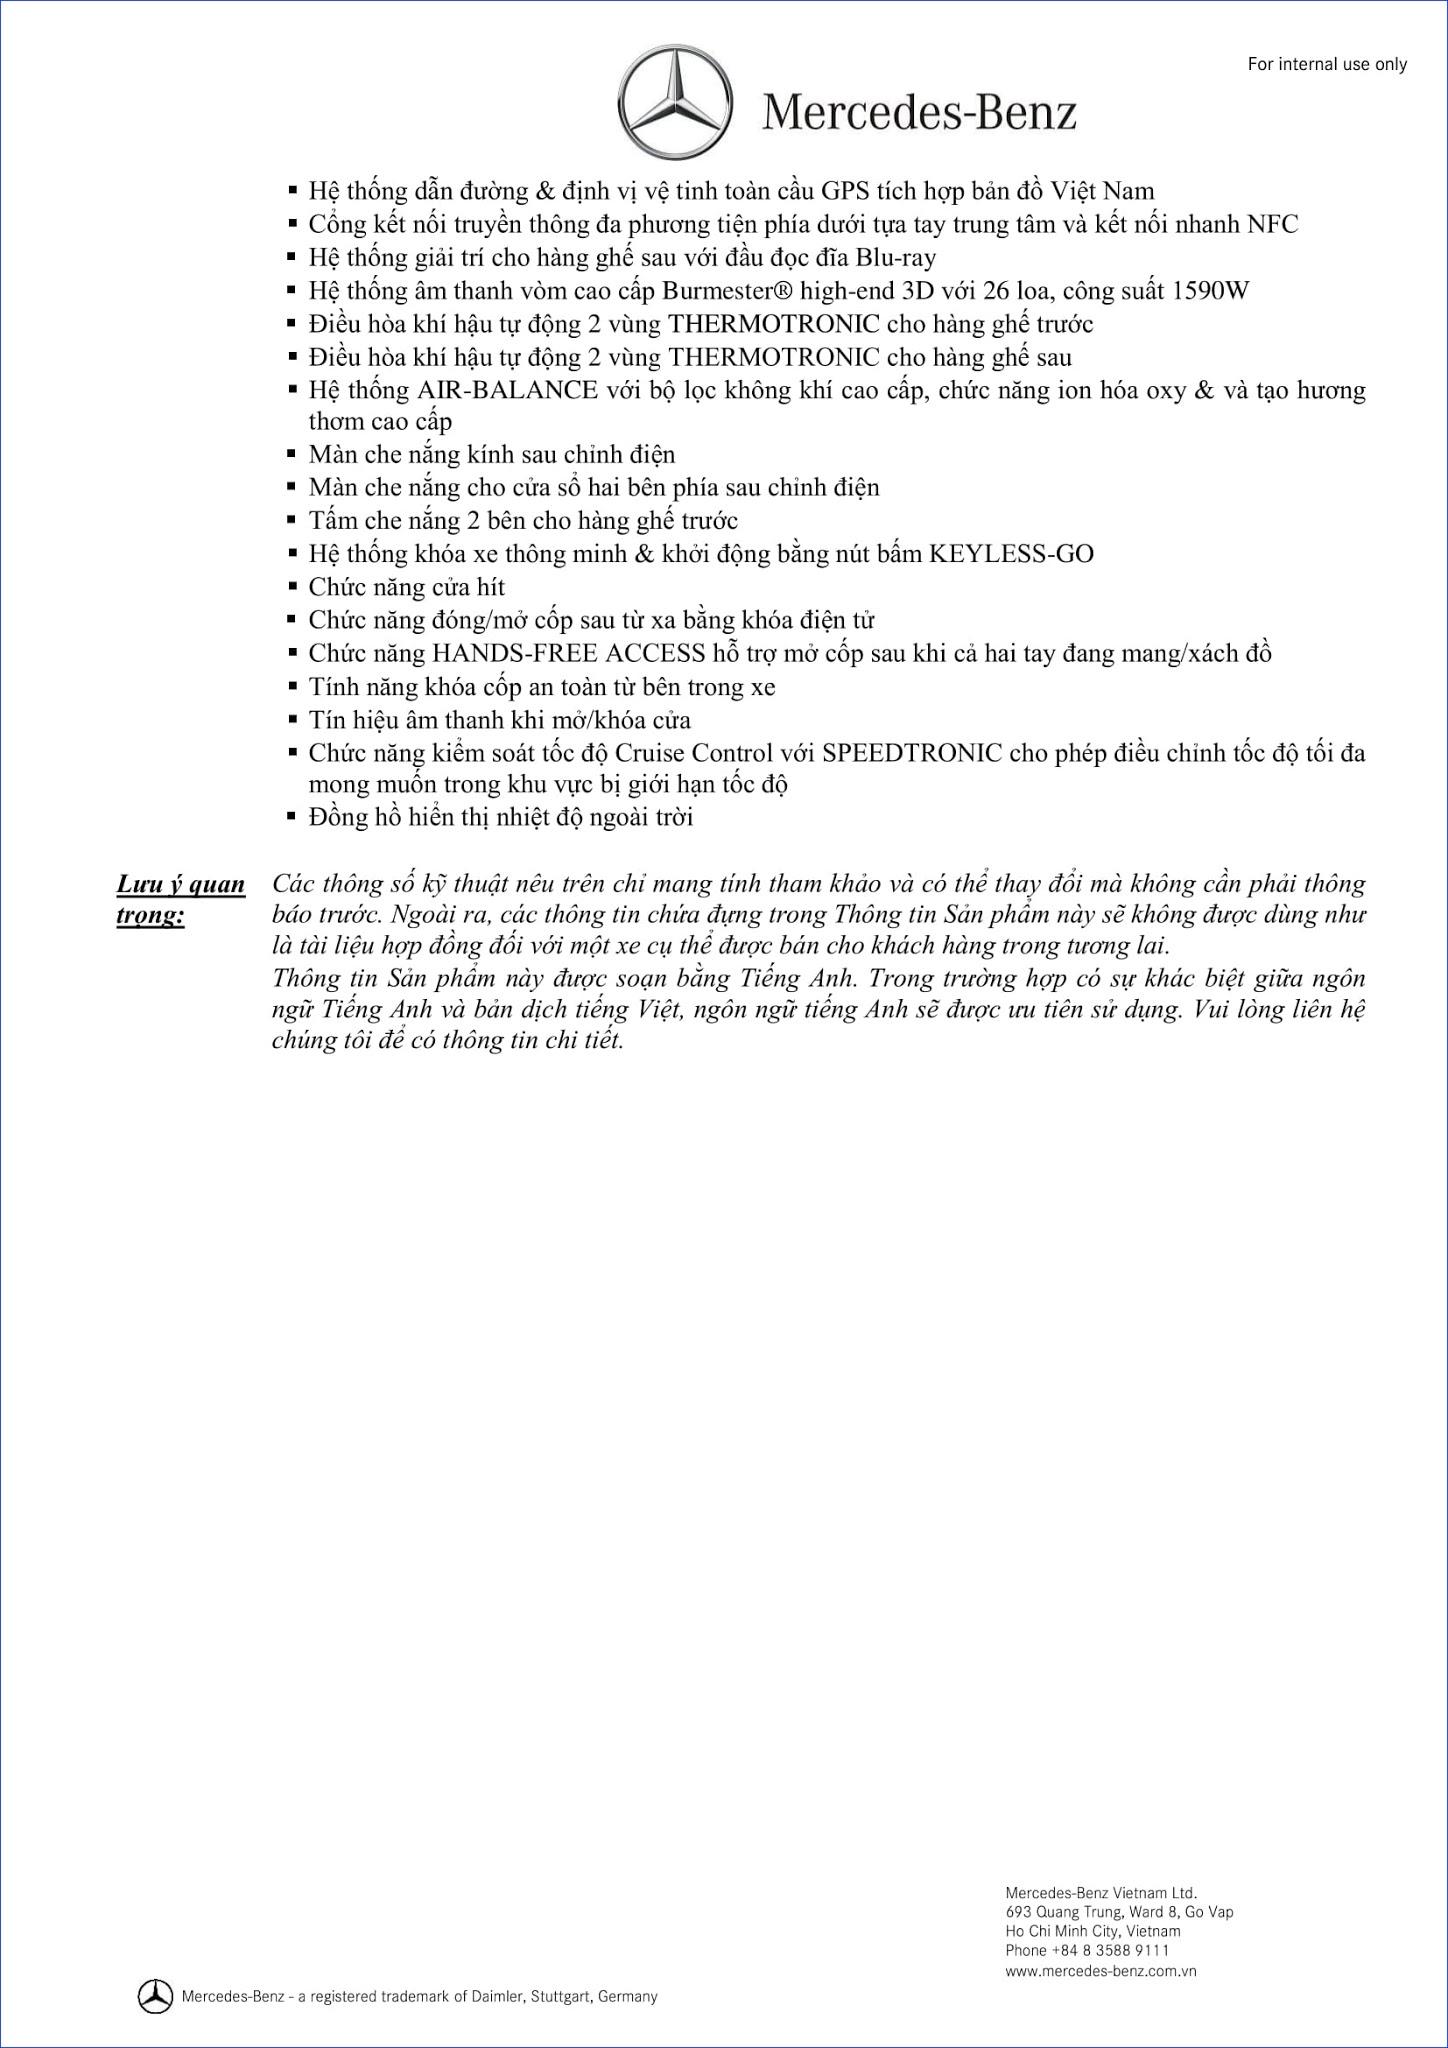 Bảng thông số kỹ thuật Mercedes Maybach S560 4MATIC 2018 tại Mercedes Trường Chinh